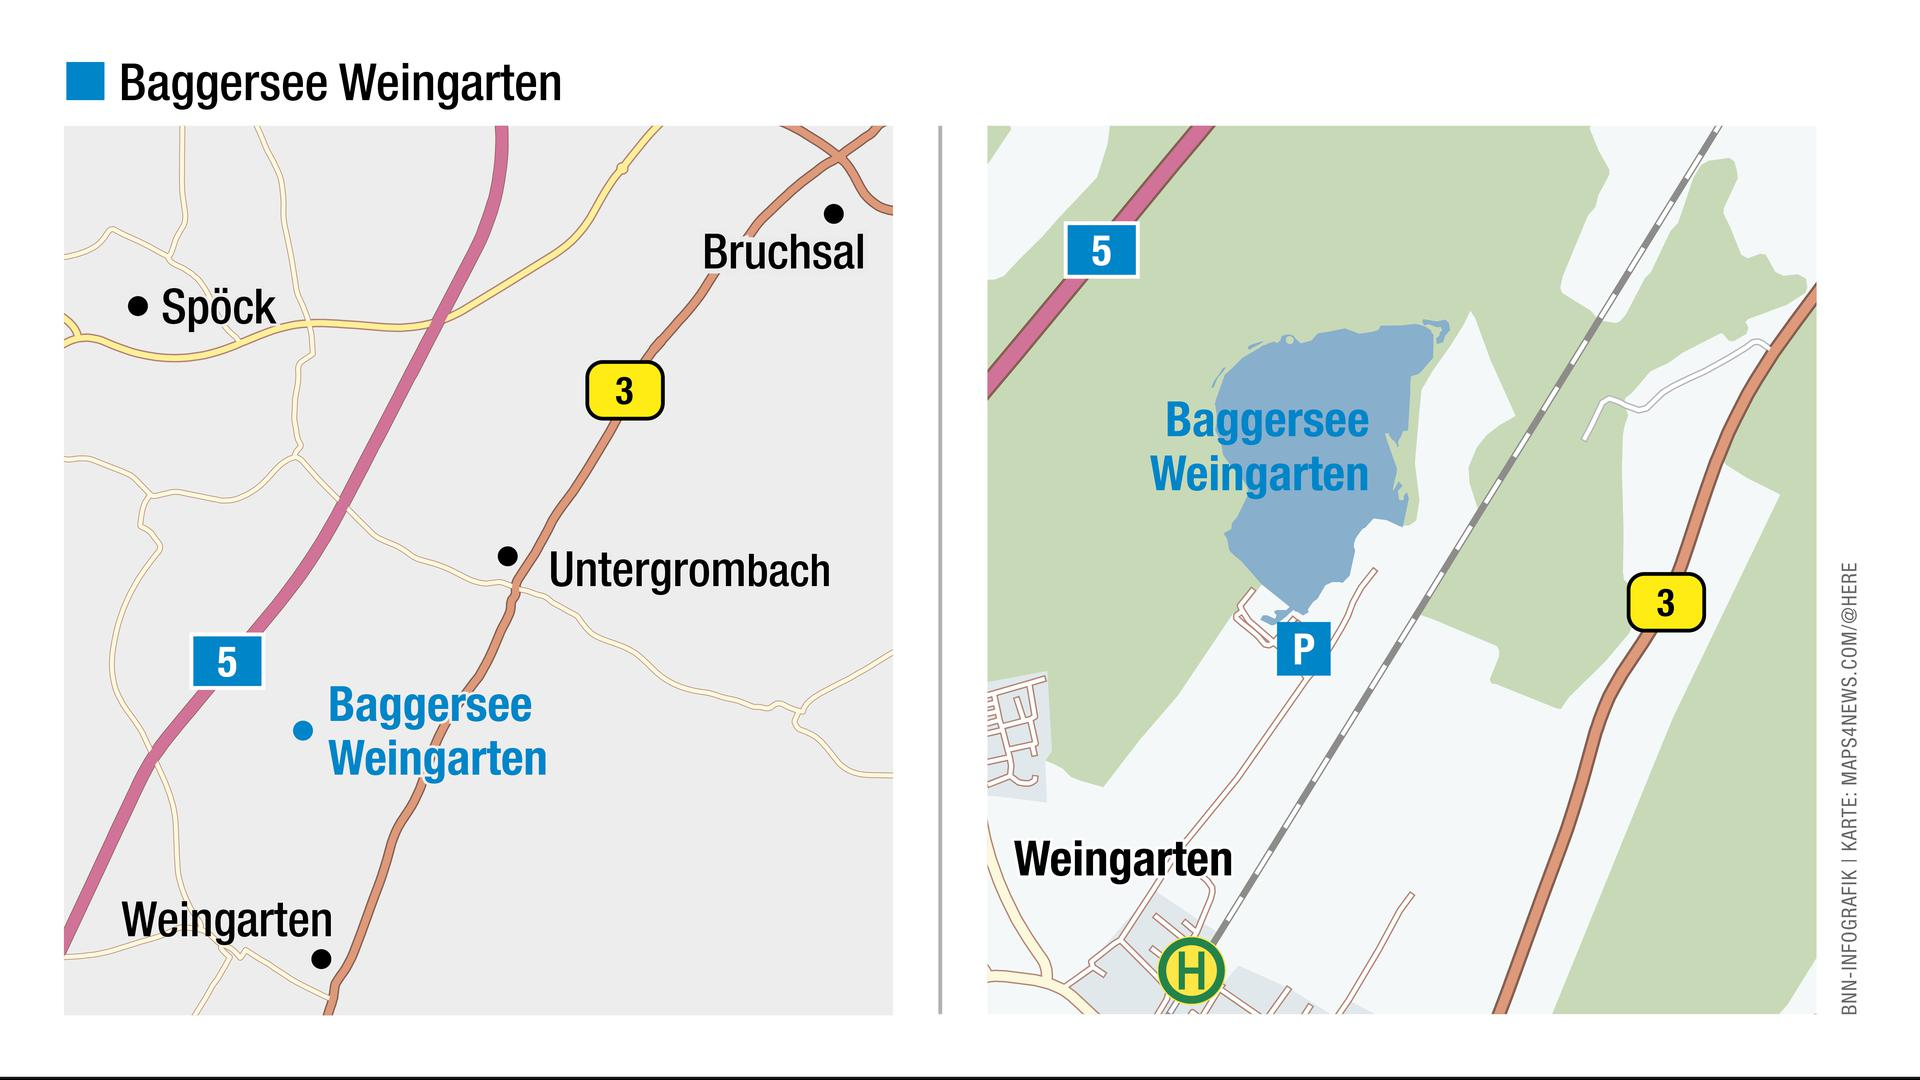 Blick auf die Landkarte: Hier liegt der Baggersee Weingarten.